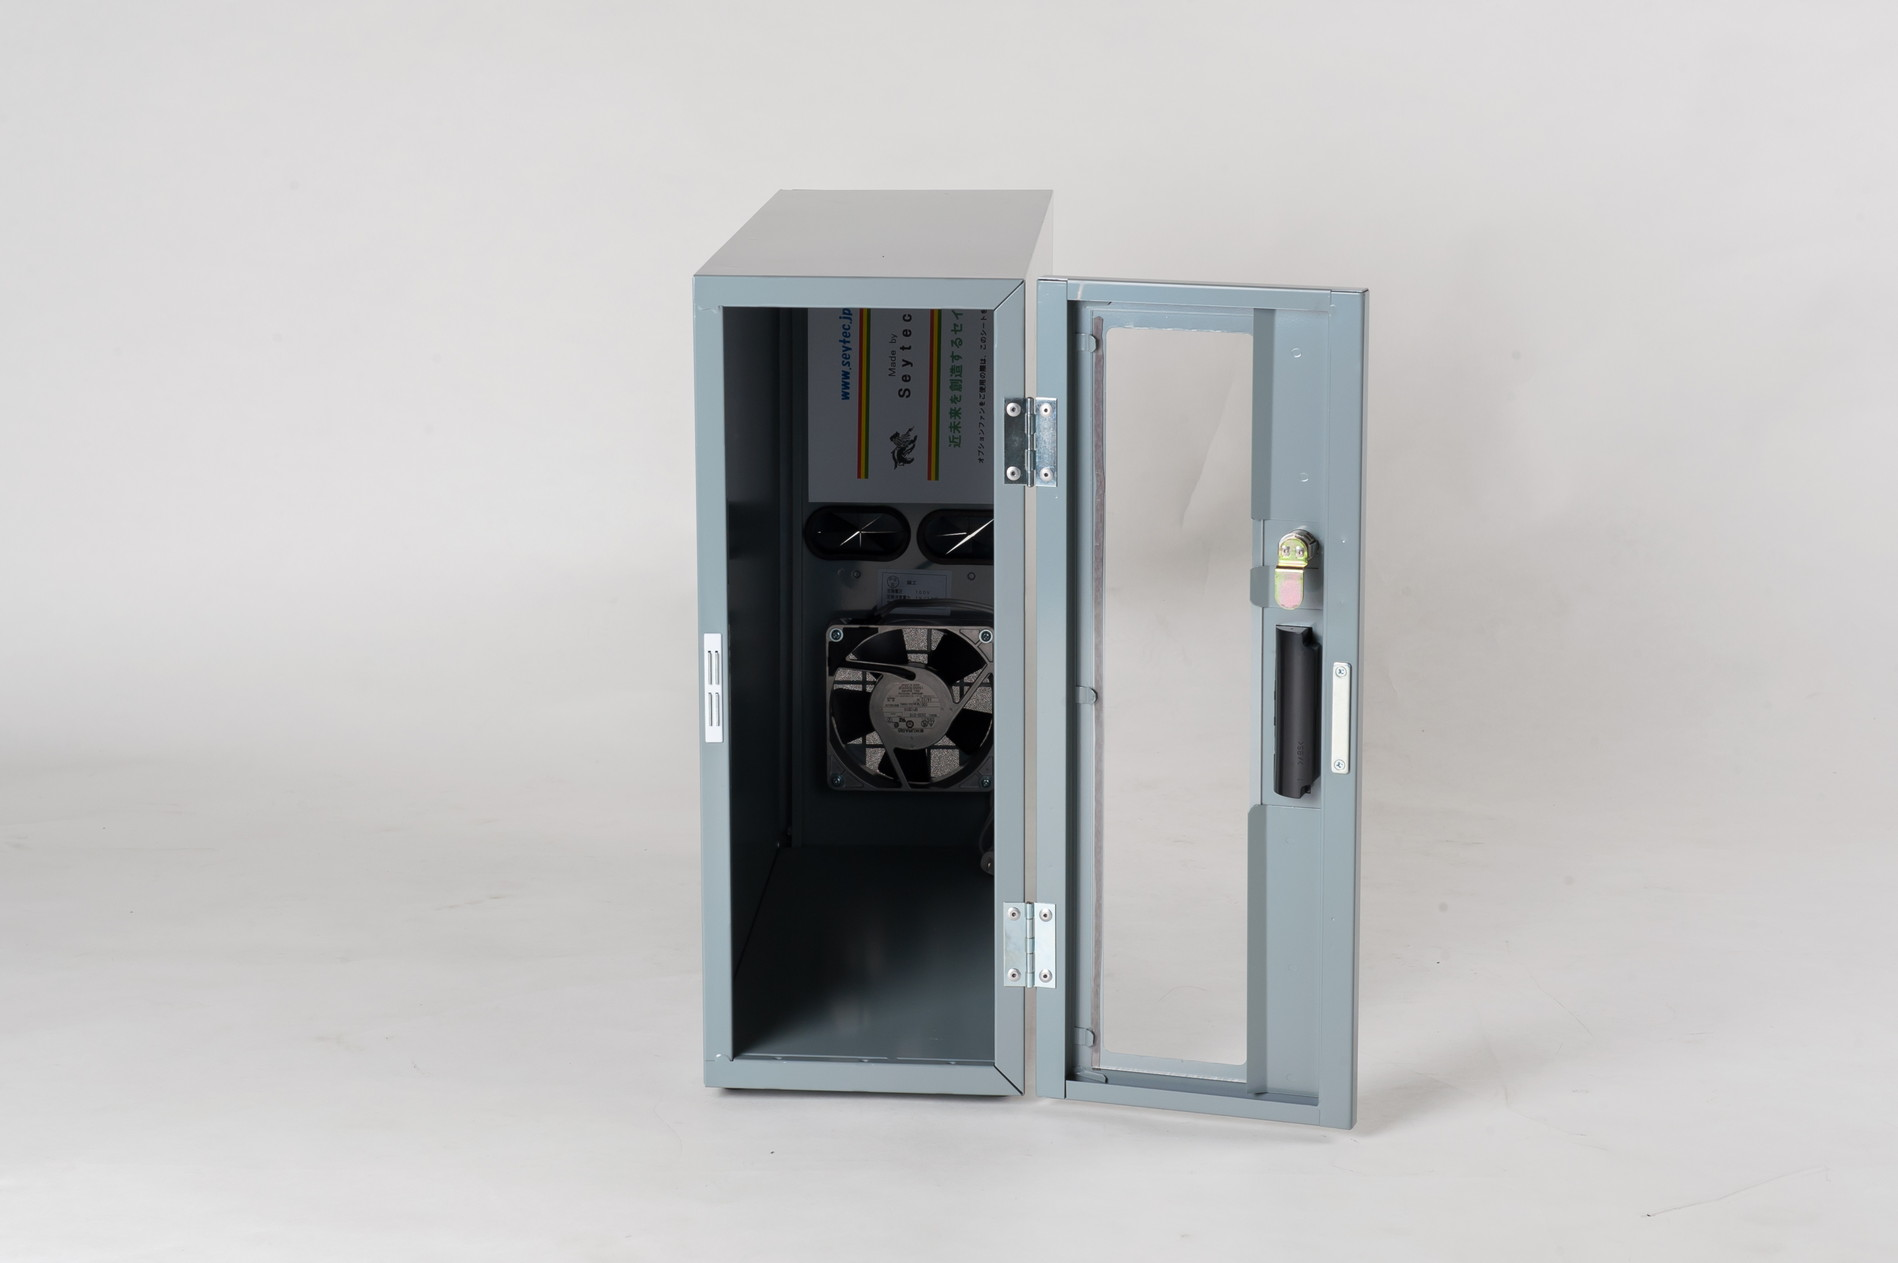 防塵ラック Tidy Box CPU 3UG グレー